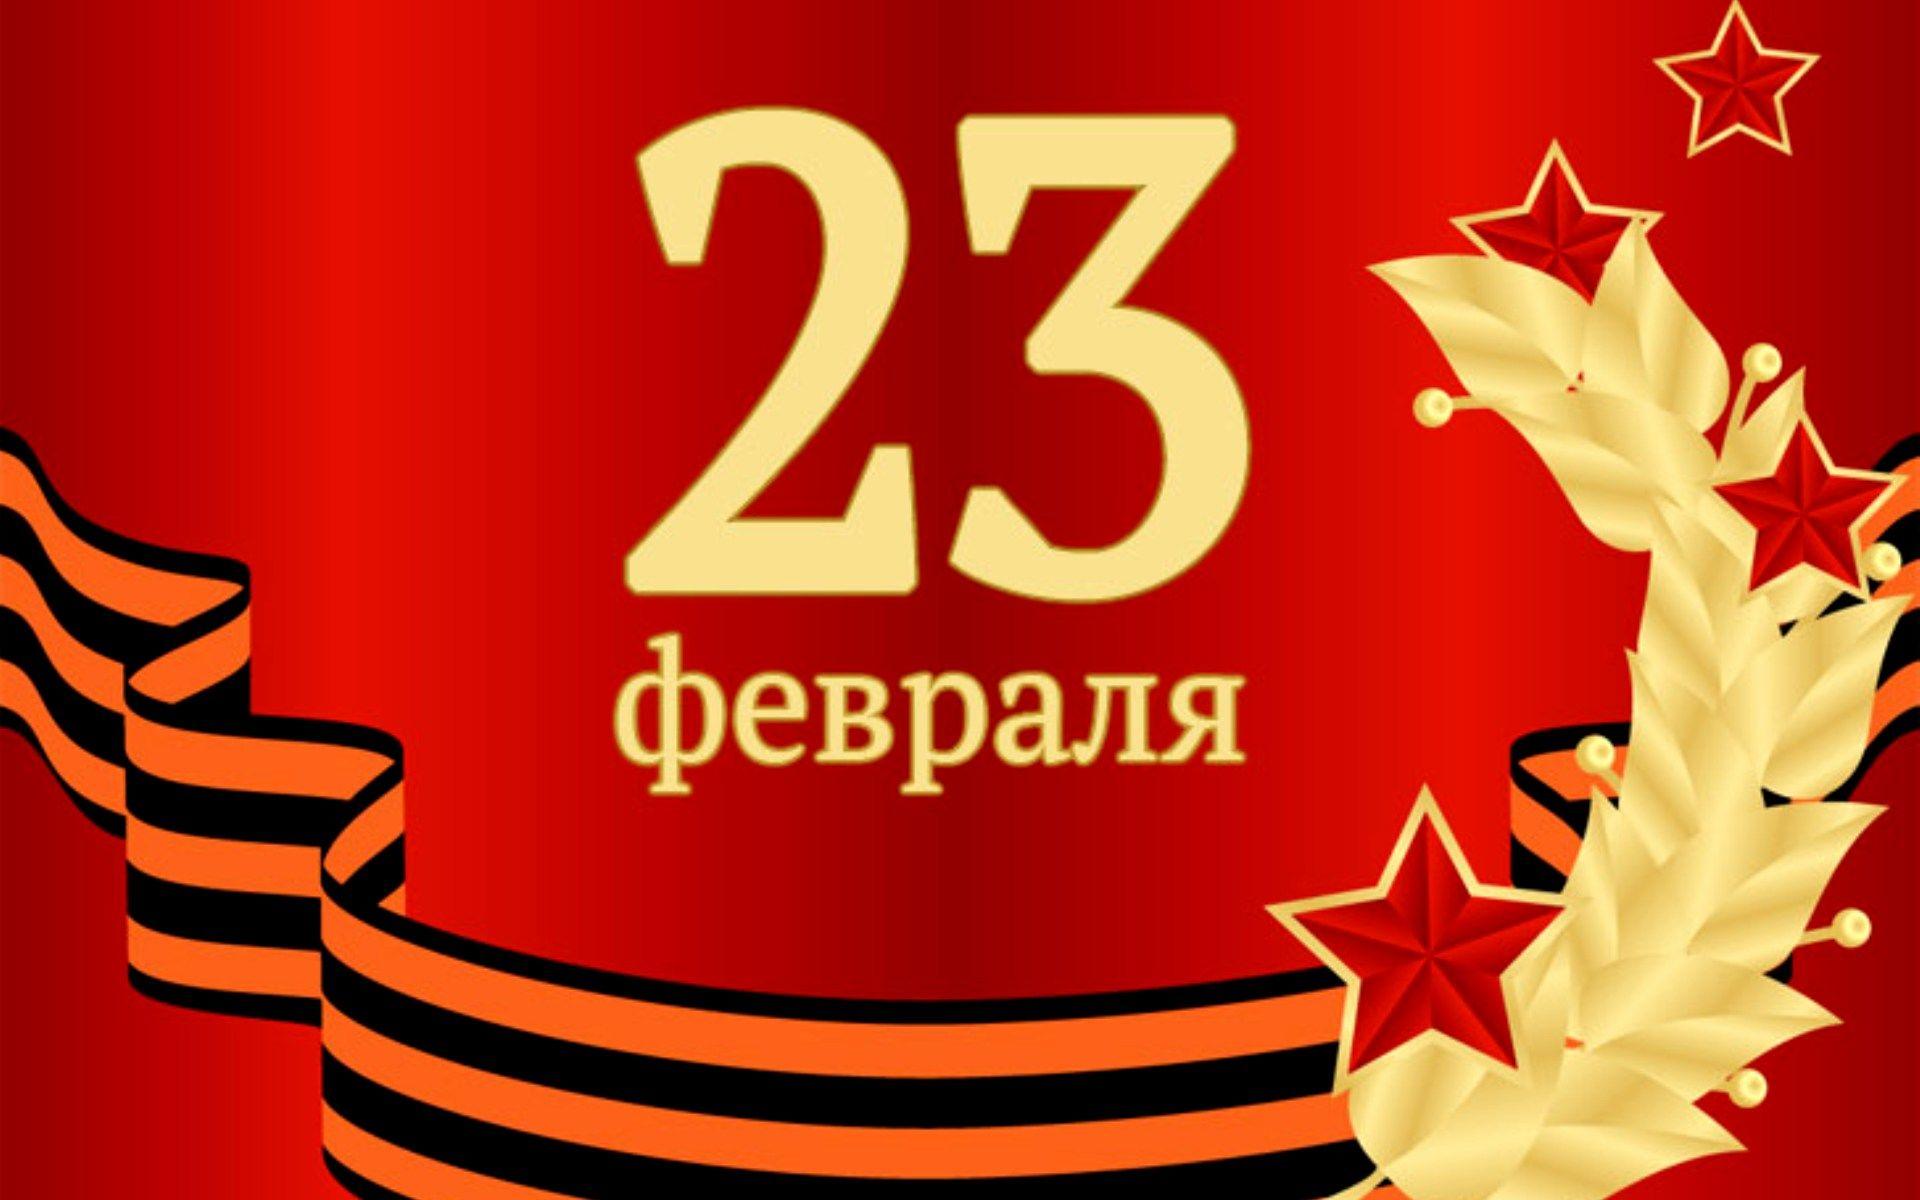 Русские зимние праздники - национальные праздники русских. Картинки, фотографии и открытки на ваш вкус. Бесплатно и без регистрации.